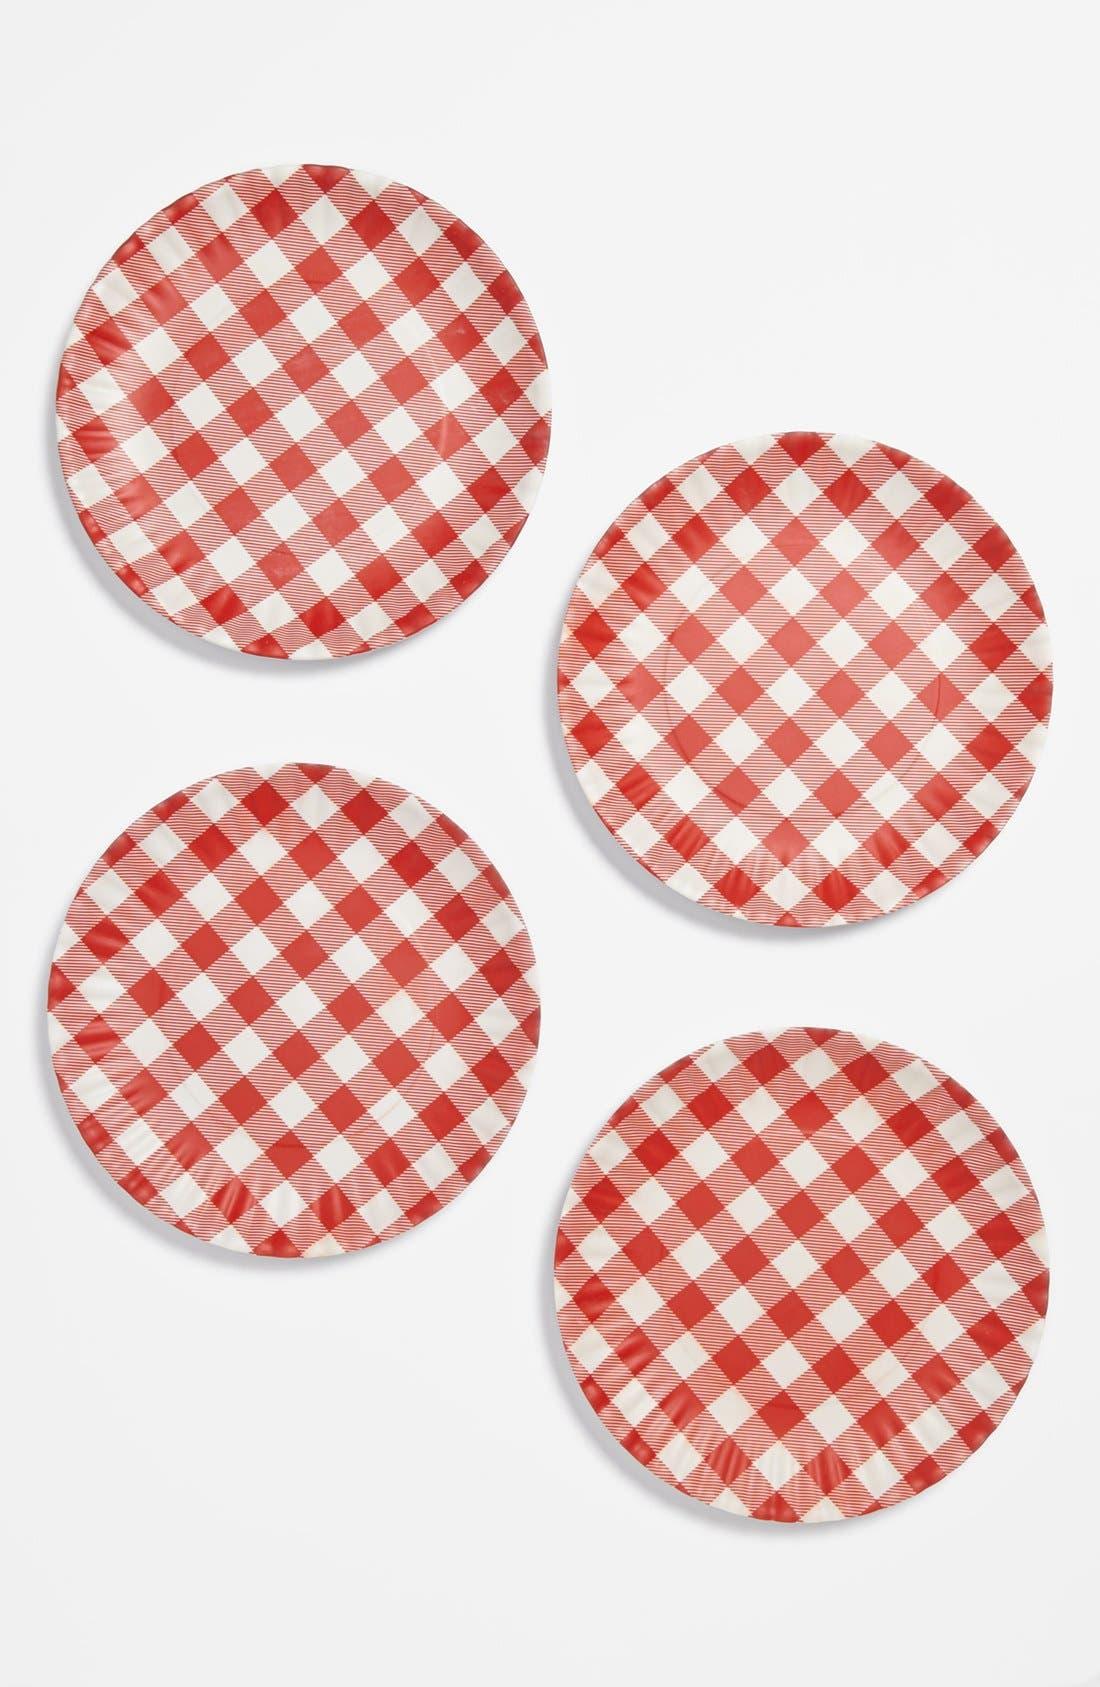 Main Image - Gingham Melamine Plates (Set of 4)